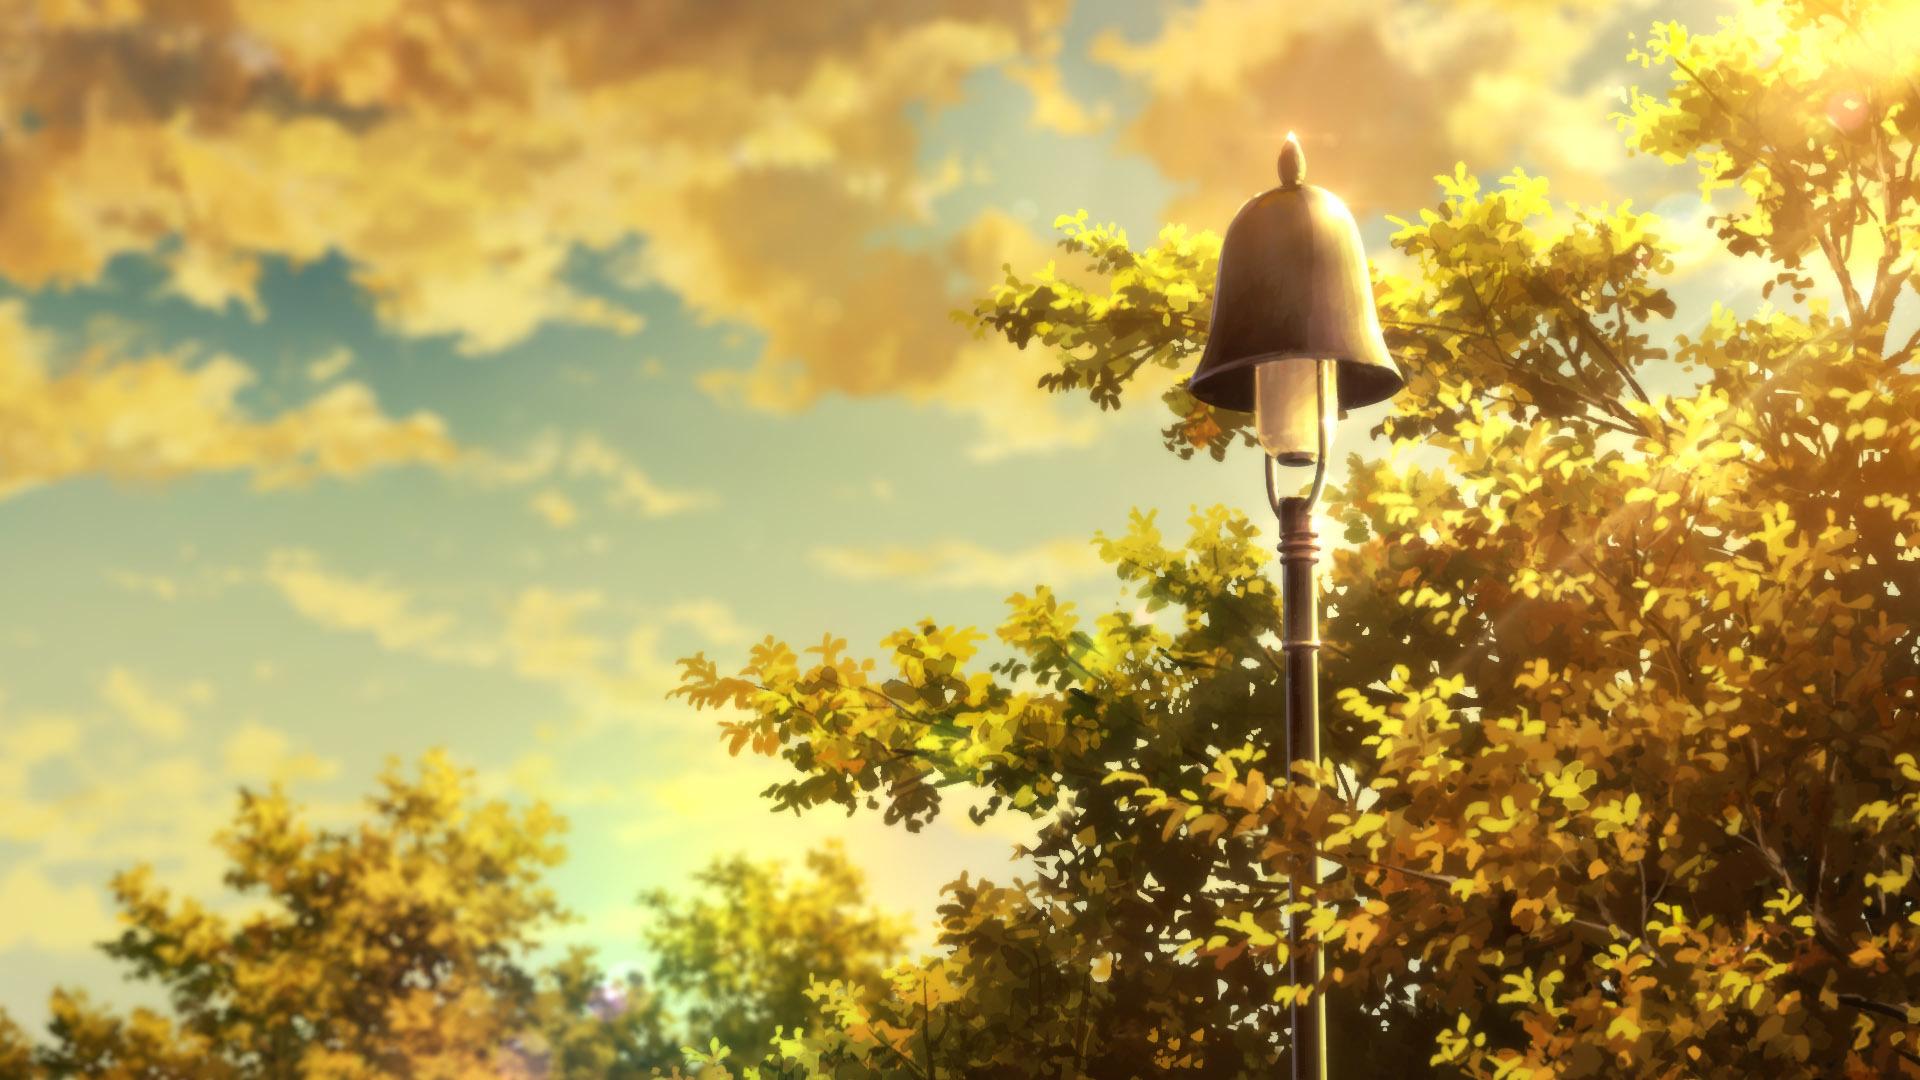 劇場アニメ『あした世界が終わるとしても』場面カット⑧